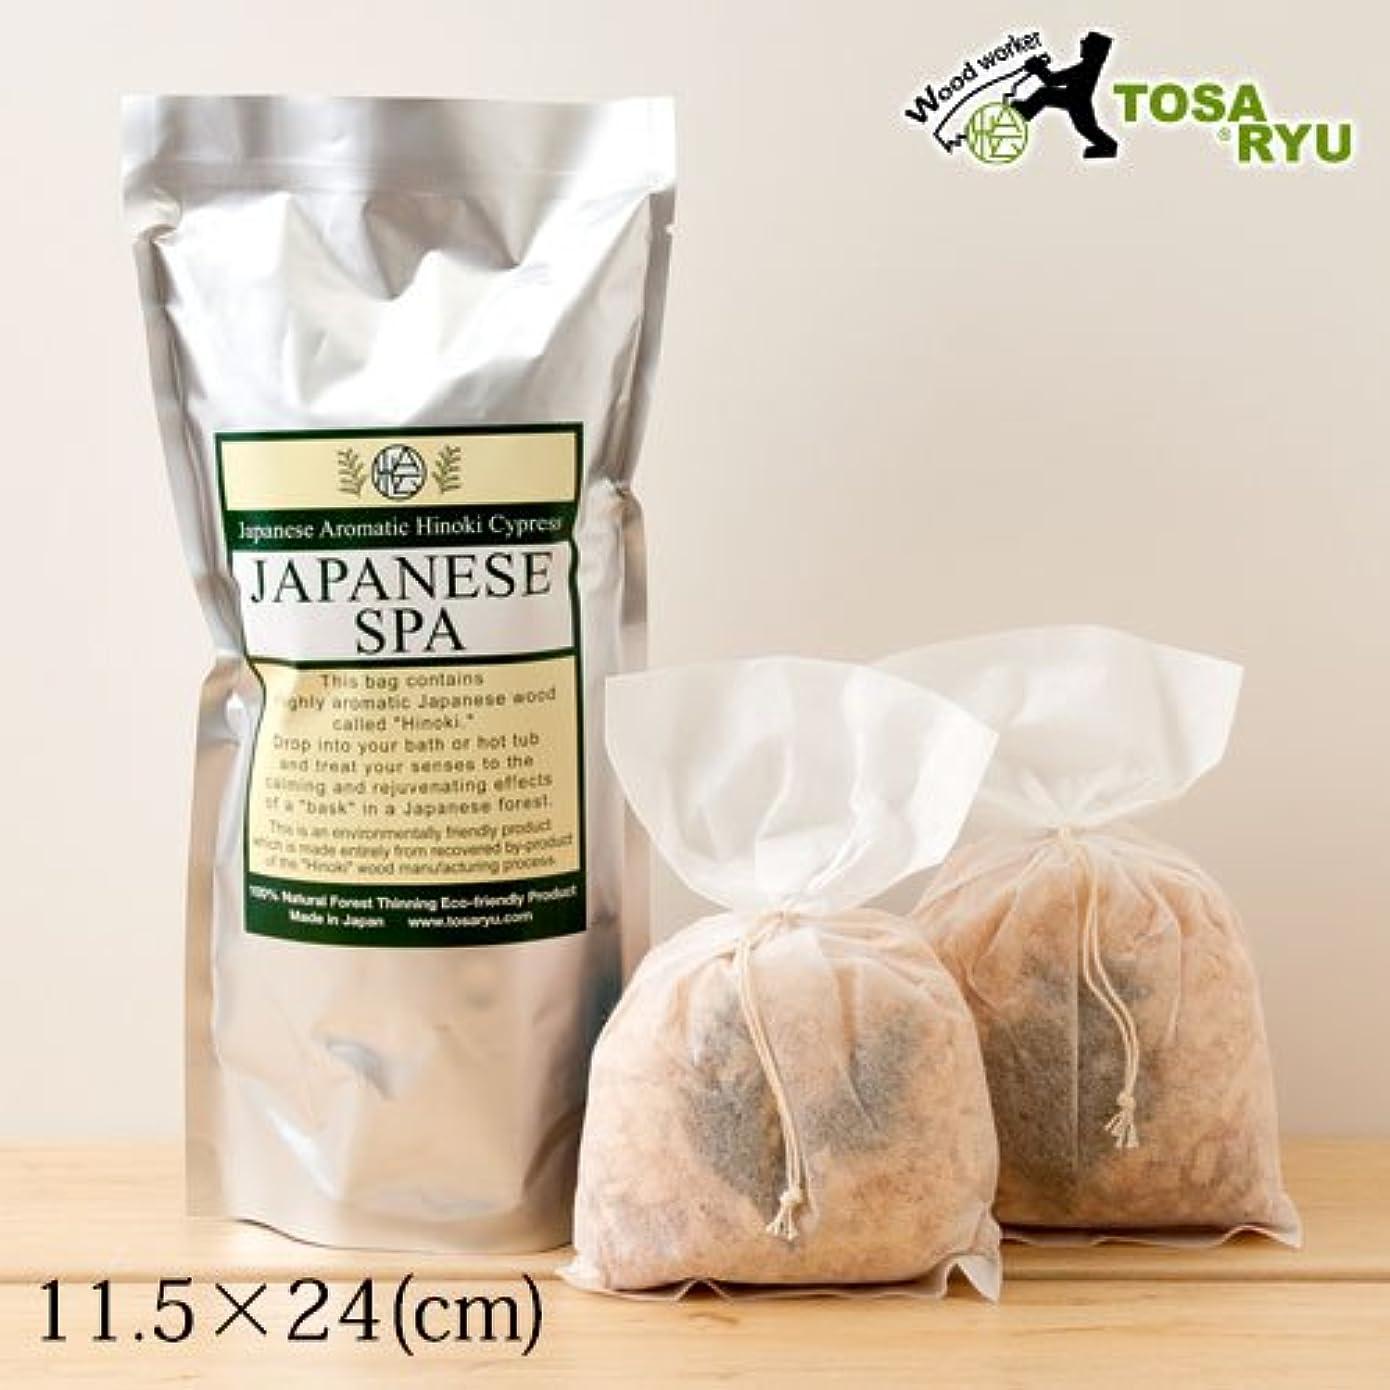 とまり木フェンス日付Tosaryu, JAPANESE SPA, Bath additive of cypress, Kochi craft